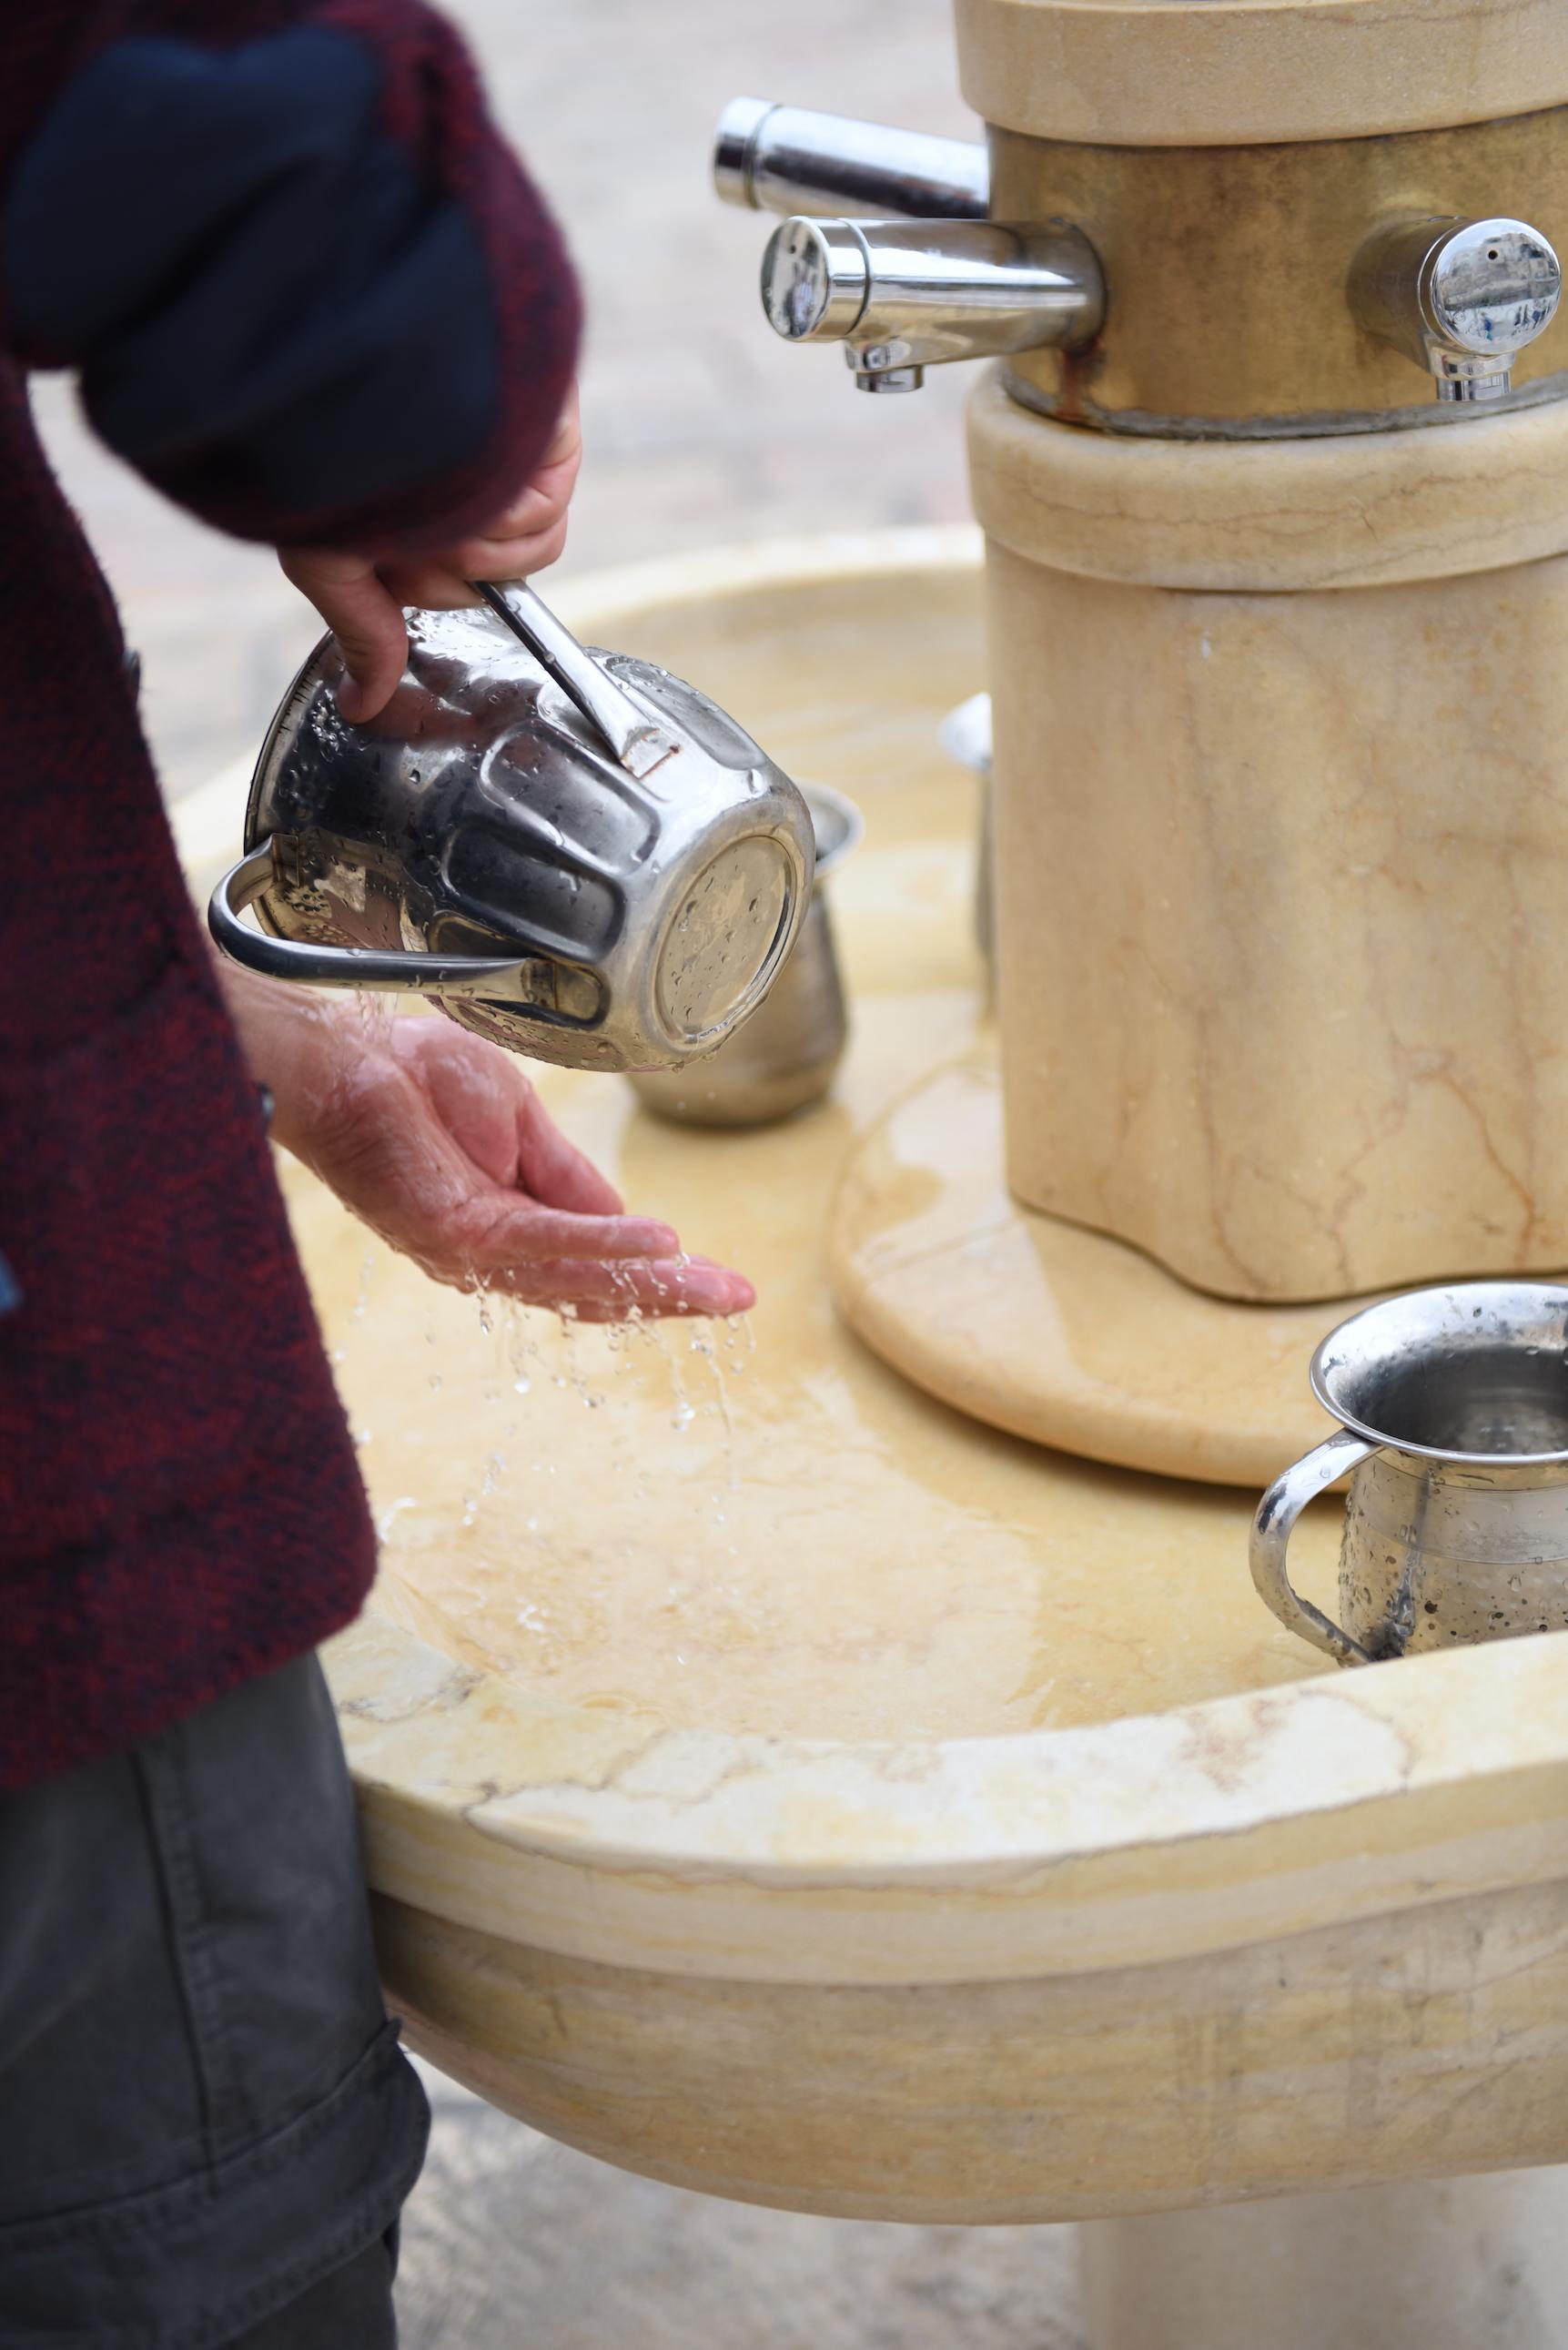 Obmywanie dłoni